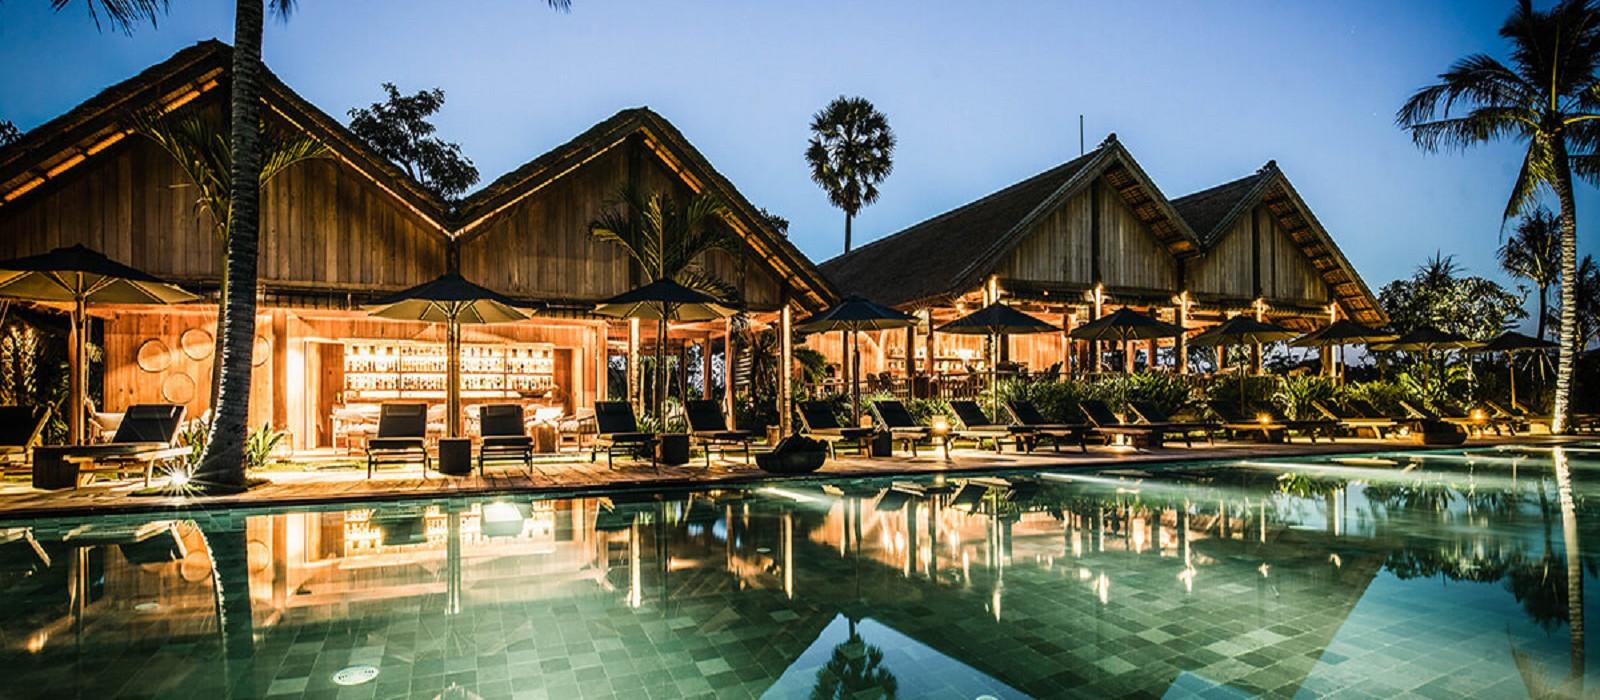 Hotel Zannier s Phum Baitang Cambodia